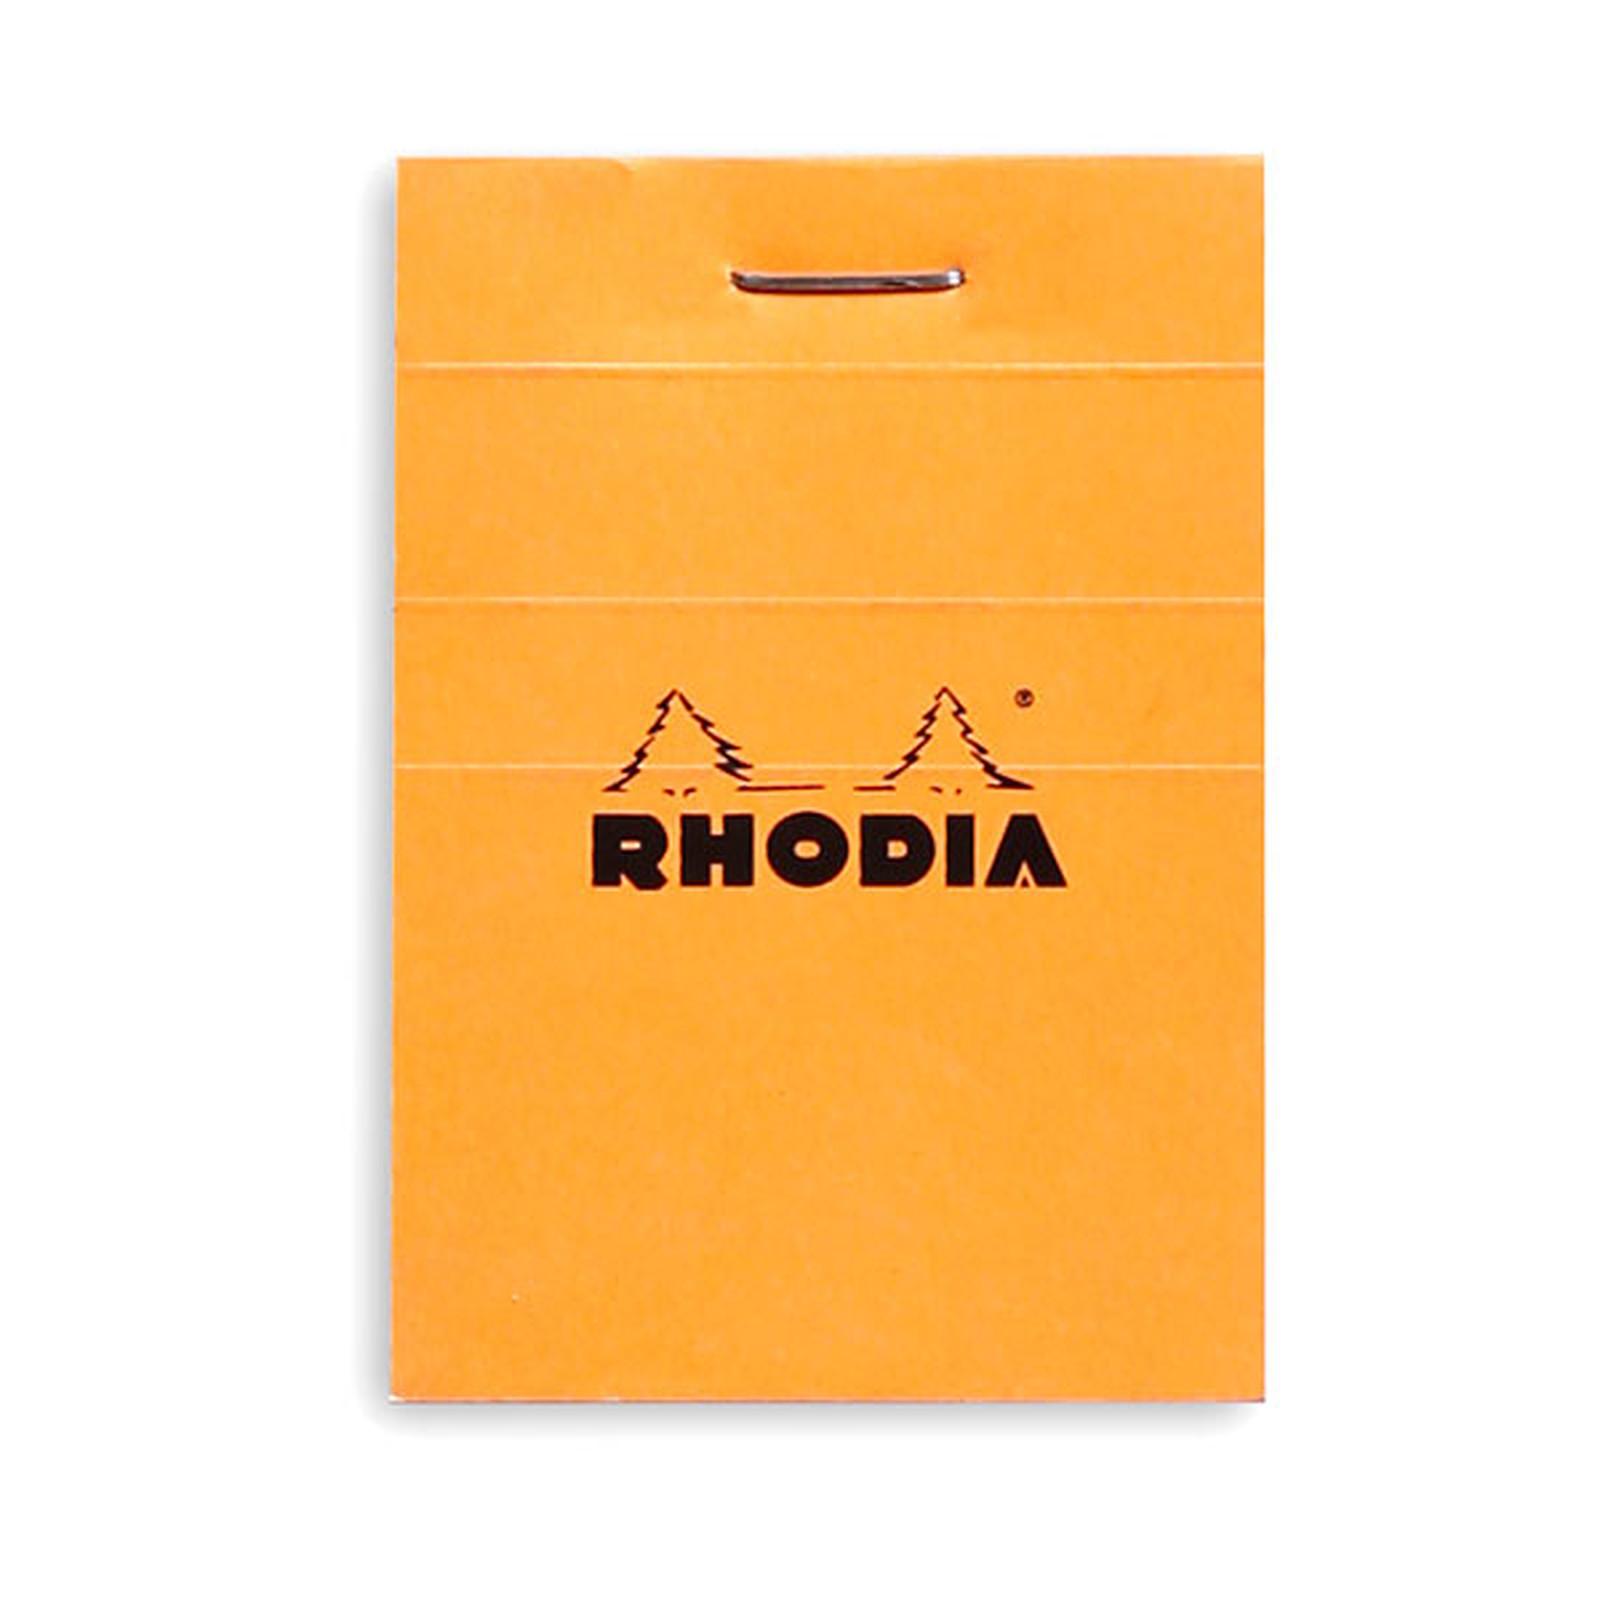 Rhodia Bloc N°10 Orange agrafé en-tête 5.2 x 7.5 cm petits carreaux 5 x 5 mm 80 pages